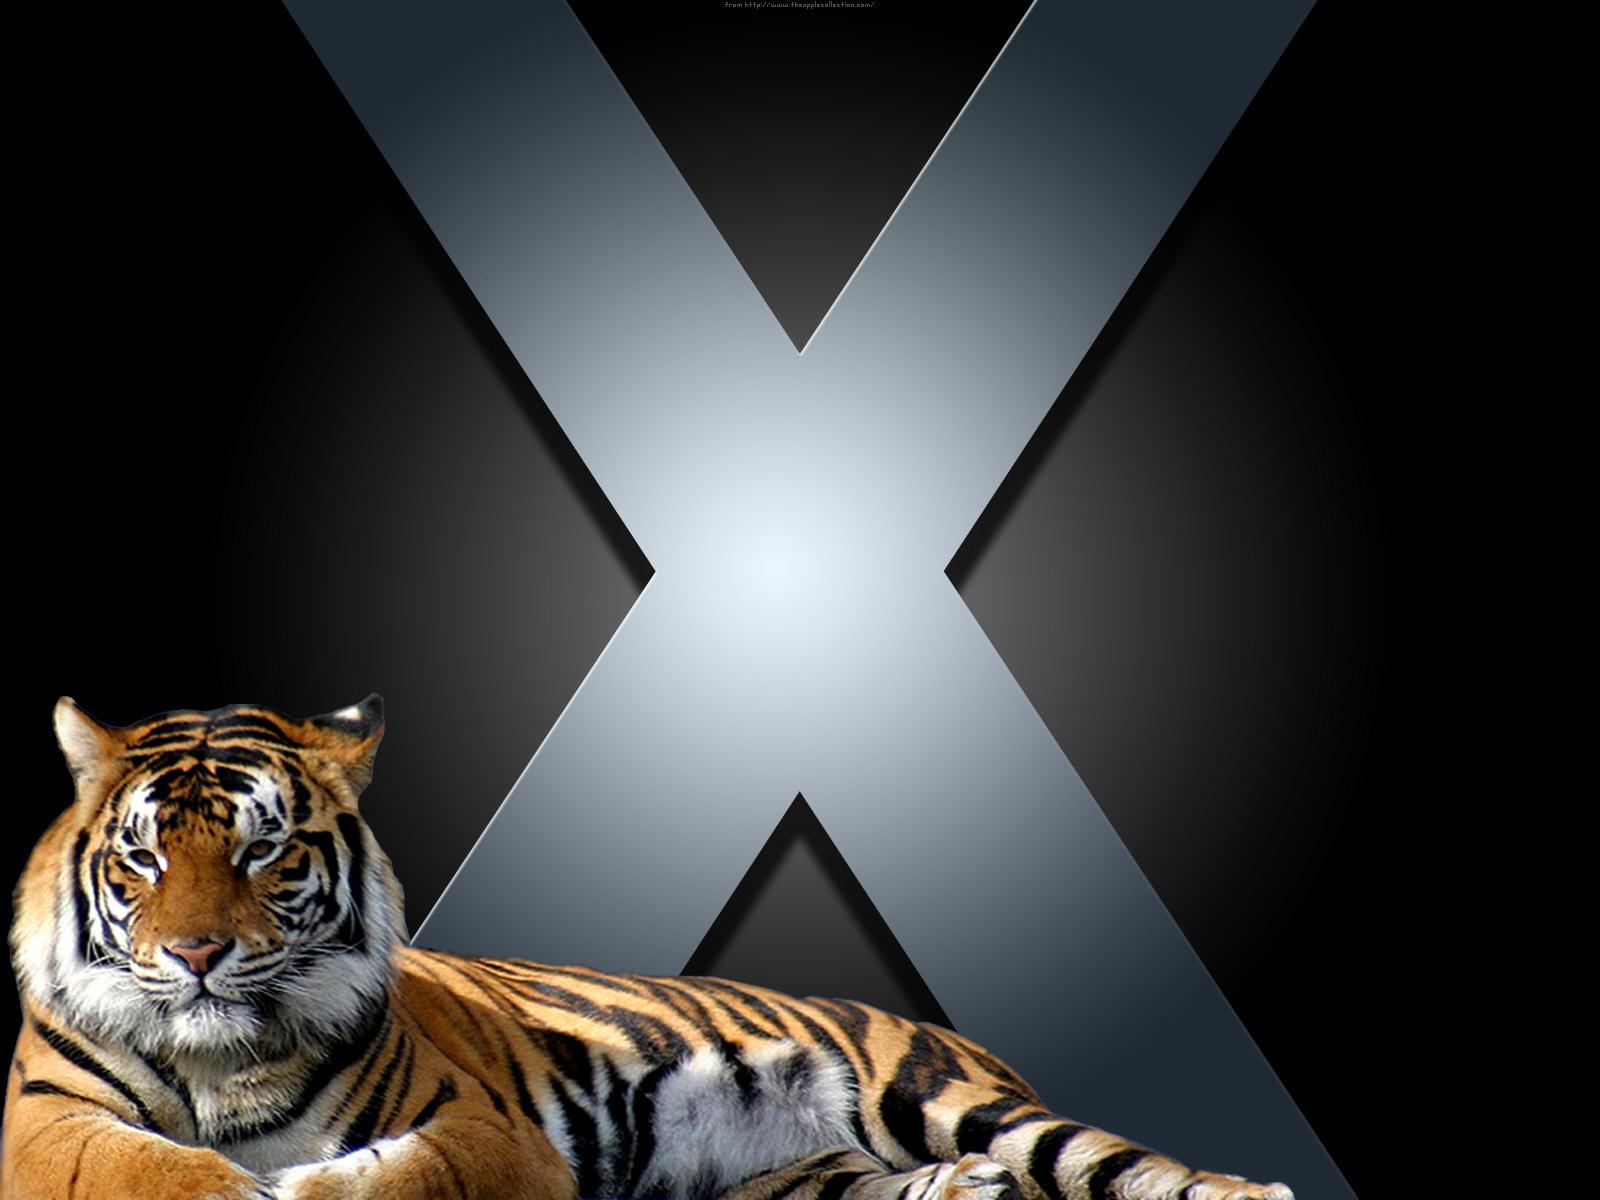 X wallpaper, обои для рабочего стола, тигр